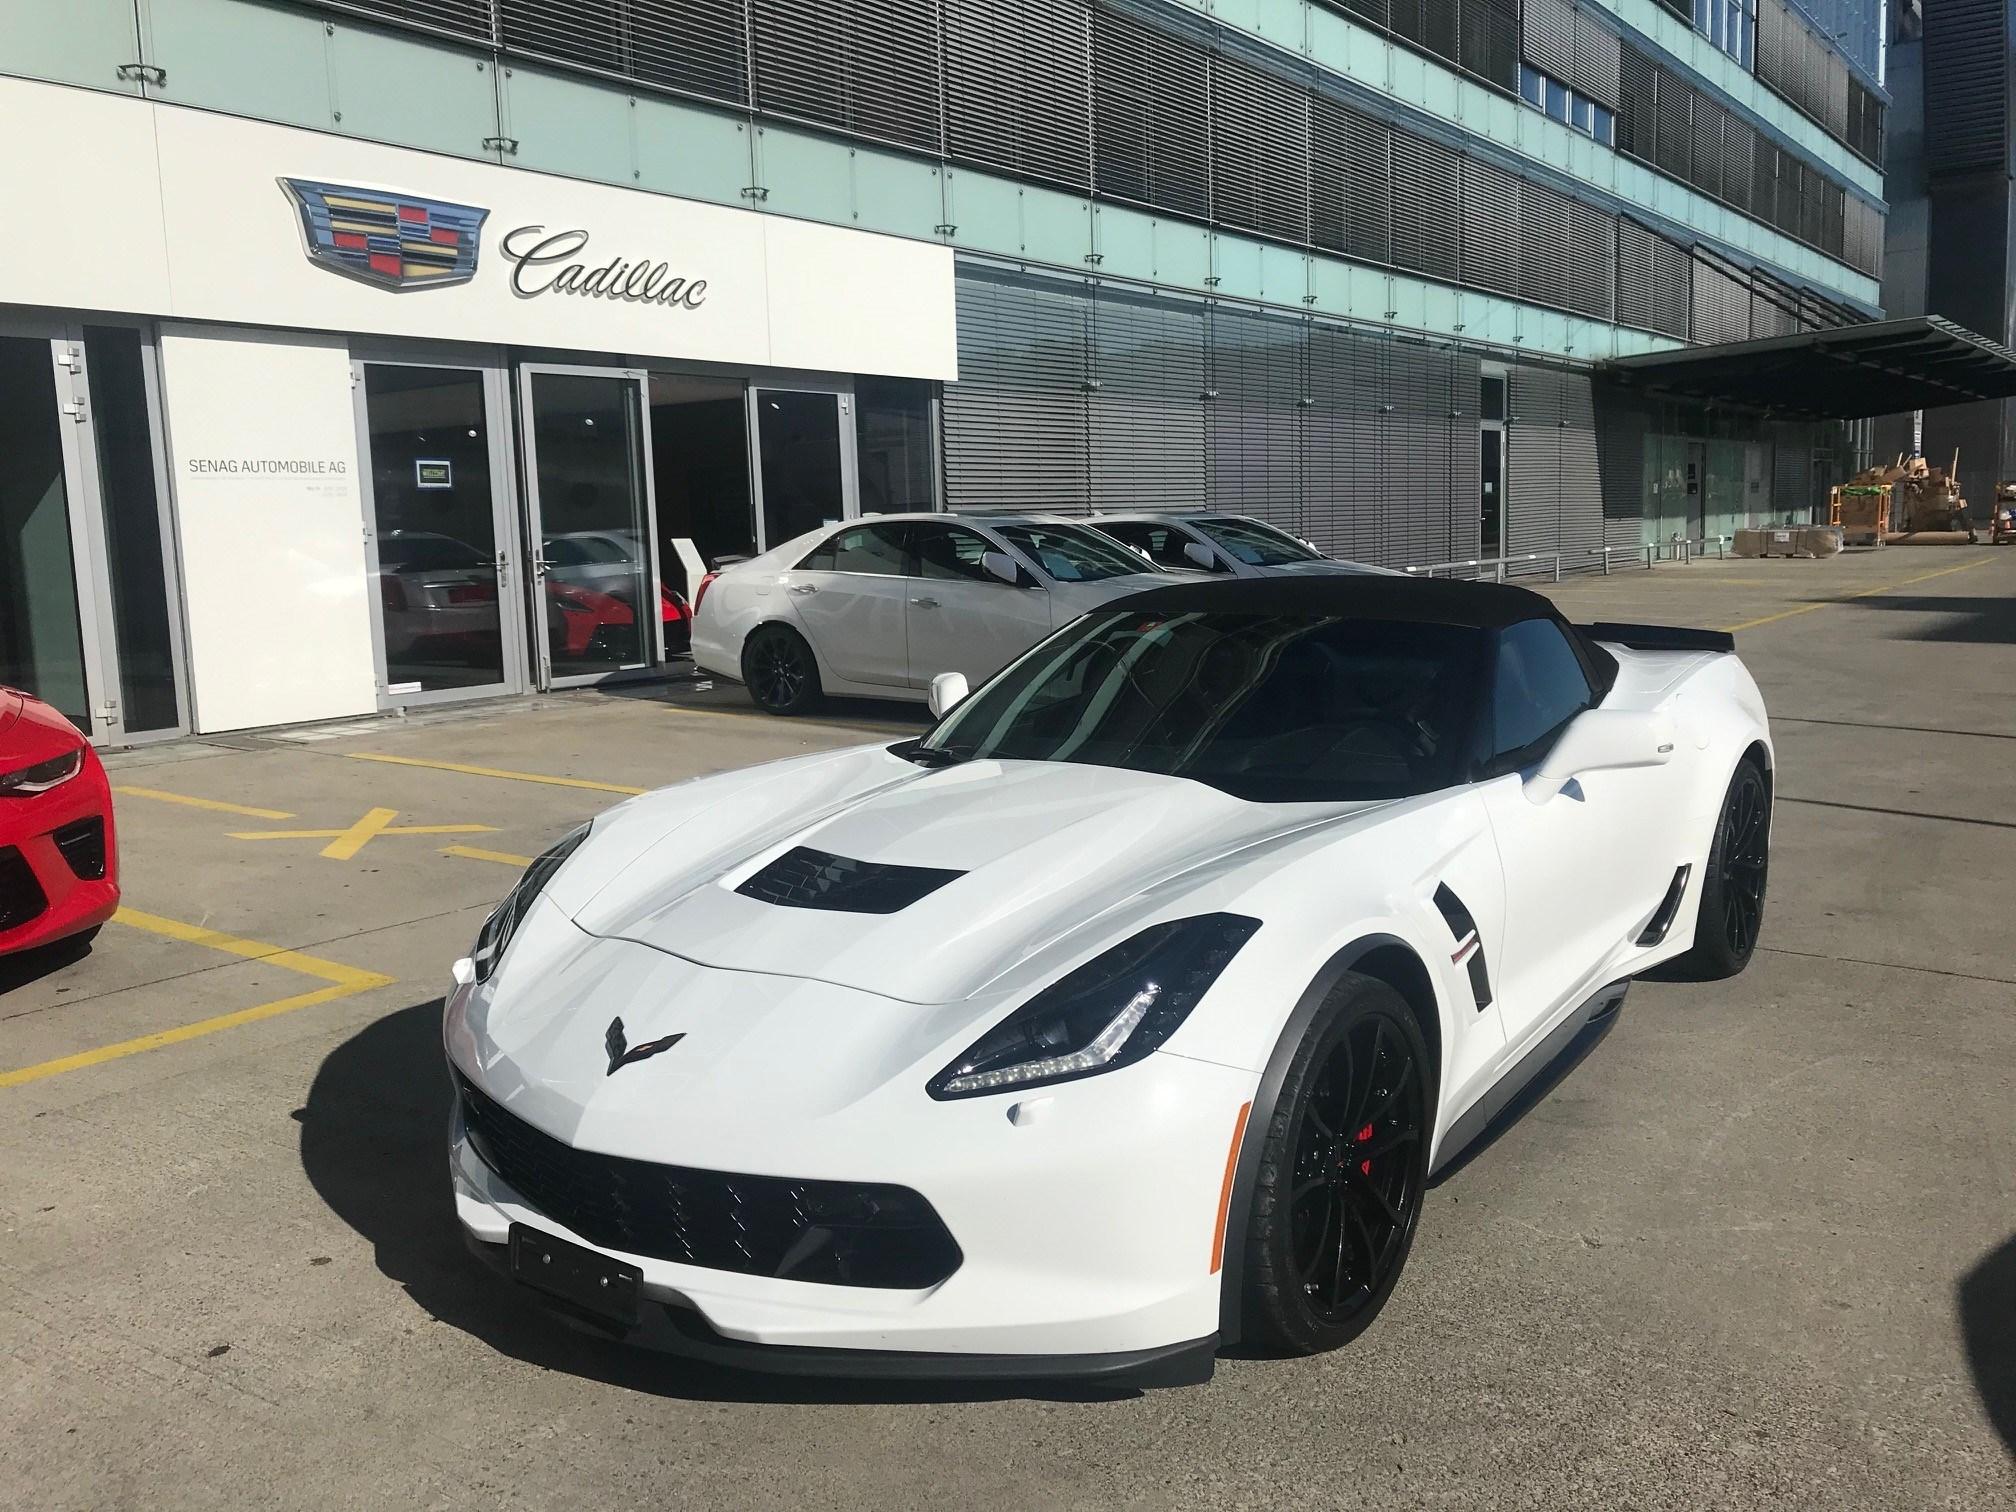 cabriolet Chevrolet Corvette Convertible Grand Sport 3LT Automatic